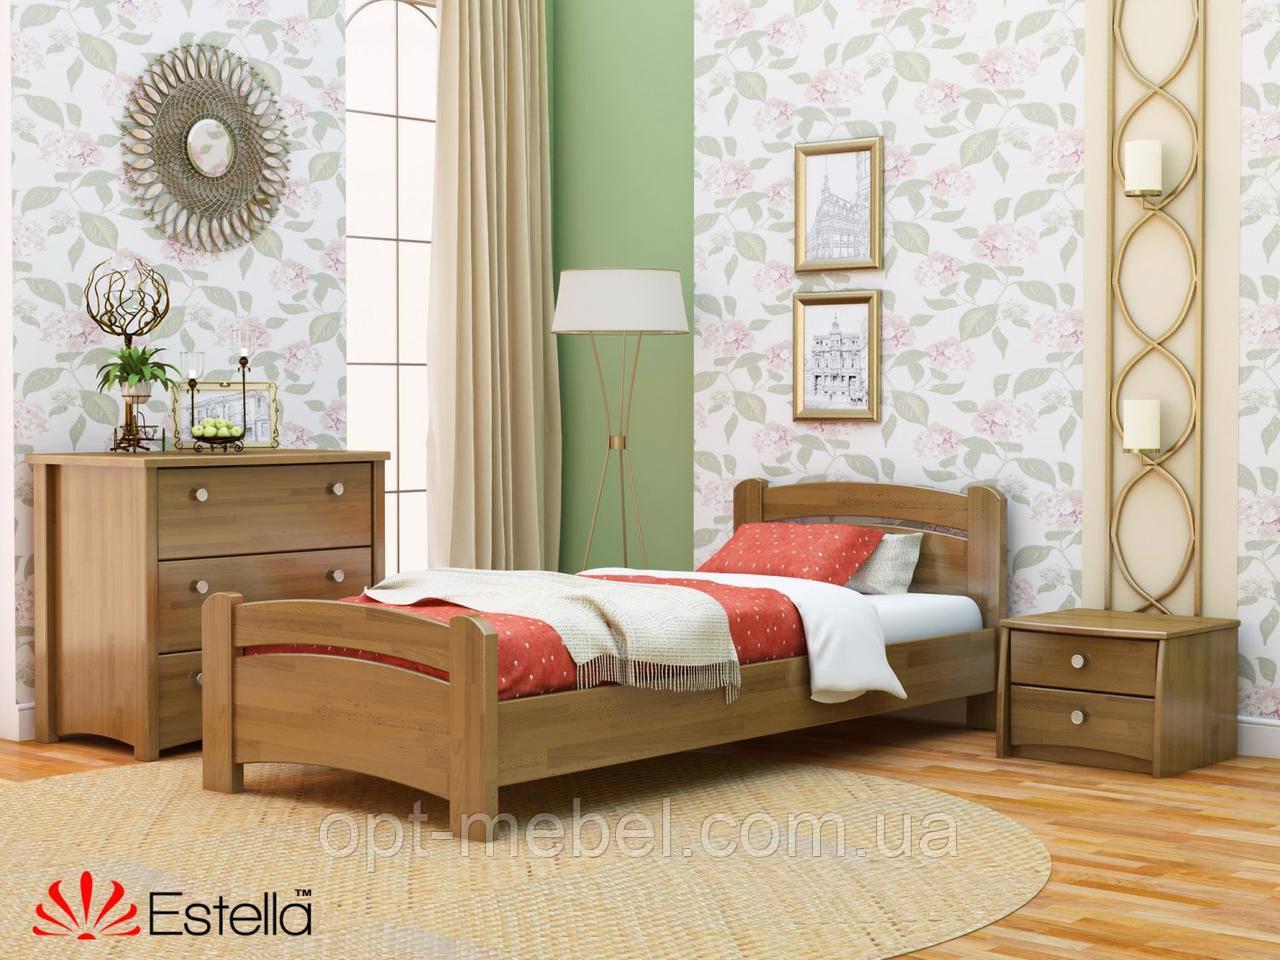 Кровать Венеция Эстелла 80*200